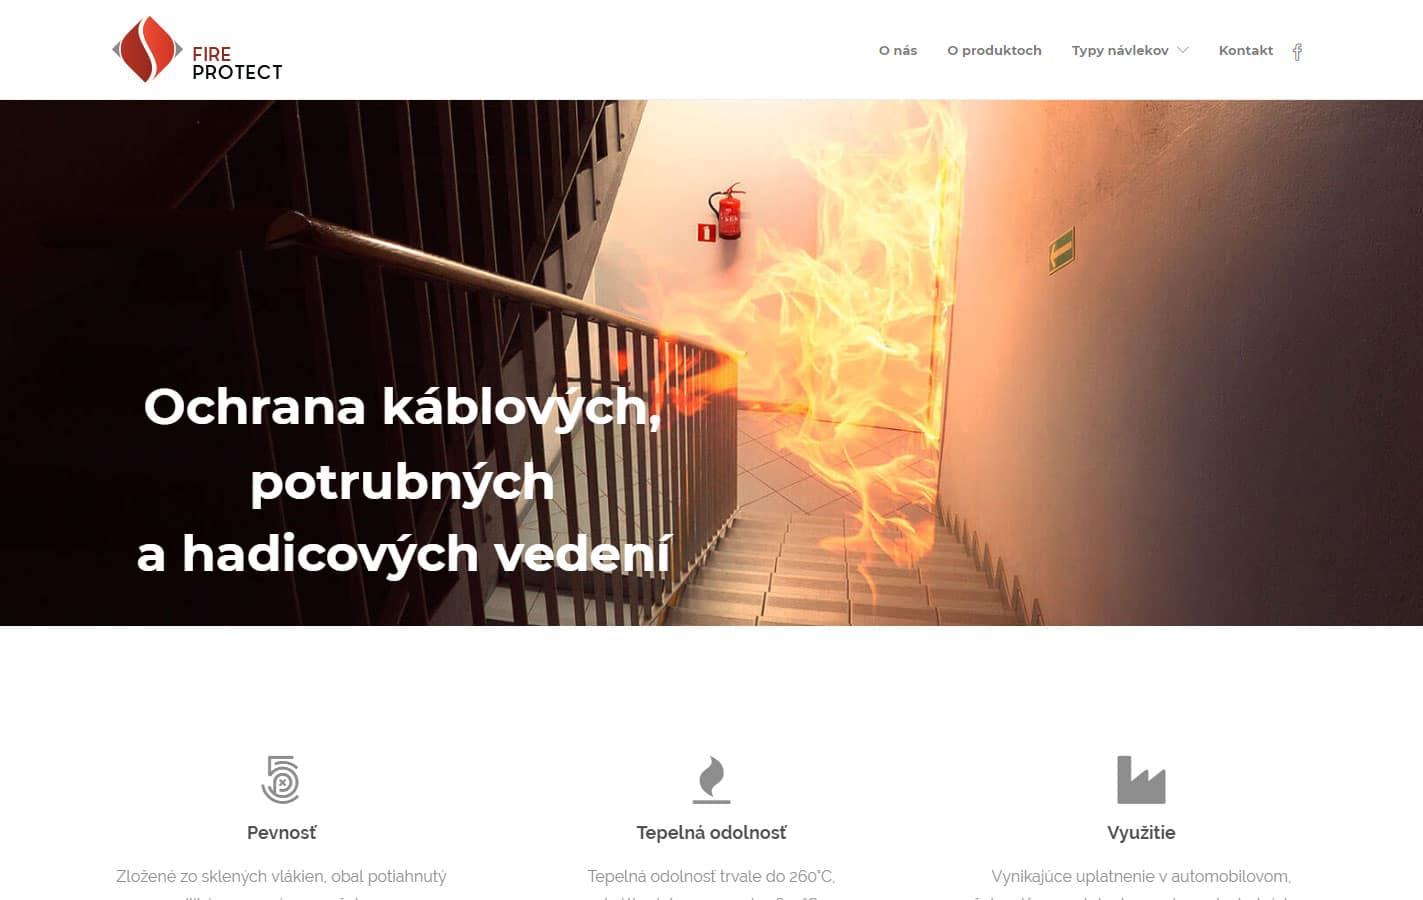 Tvorba web stránok, tvorba eshopu, SEO optimalizácia - www.fireprotect.sk